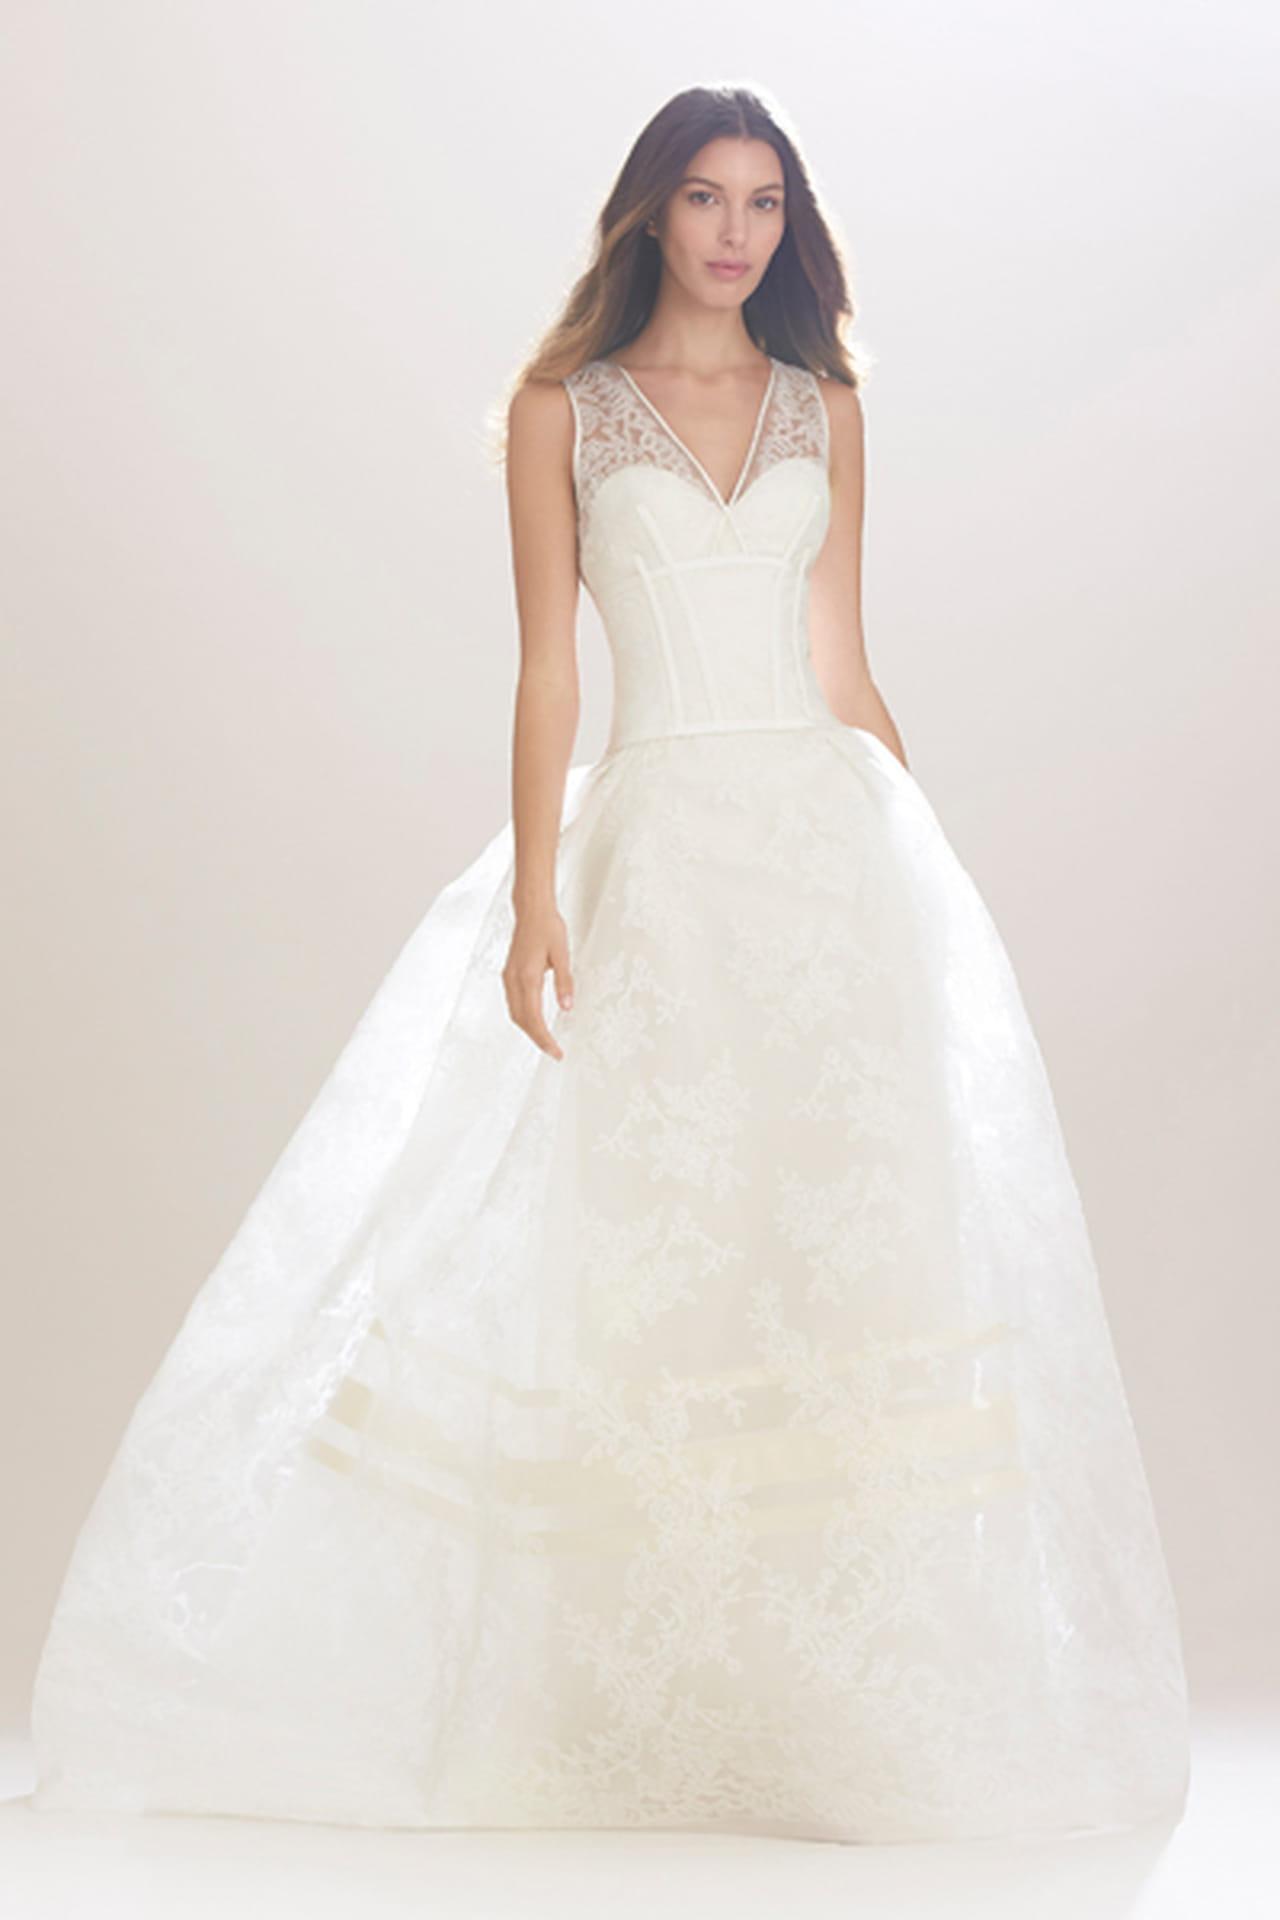 dd379c3e0d9f5 رهافة الدانتيل تزين فساتين زفاف كارولينا هيريرا خريف 2016